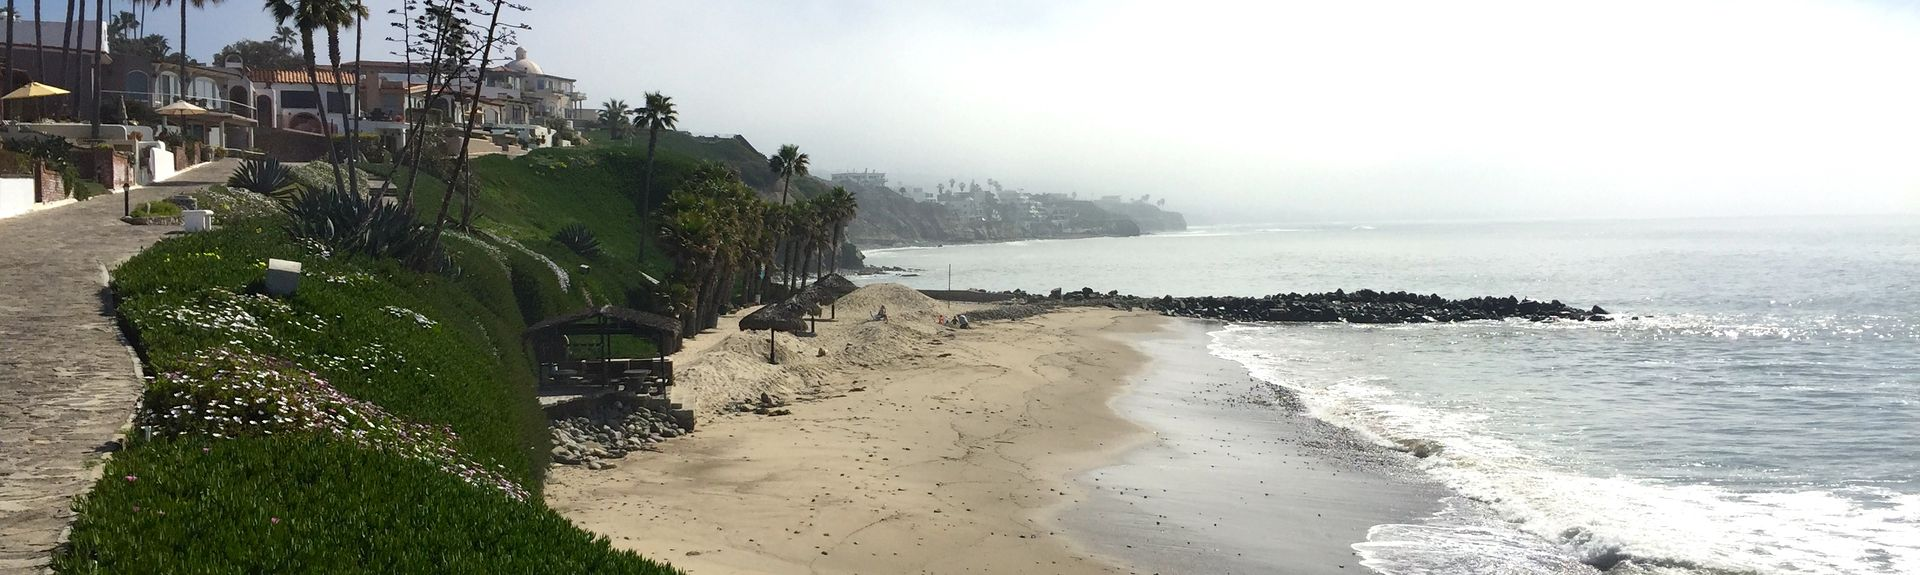 Playas de Rosarito, Baja California Norte, México